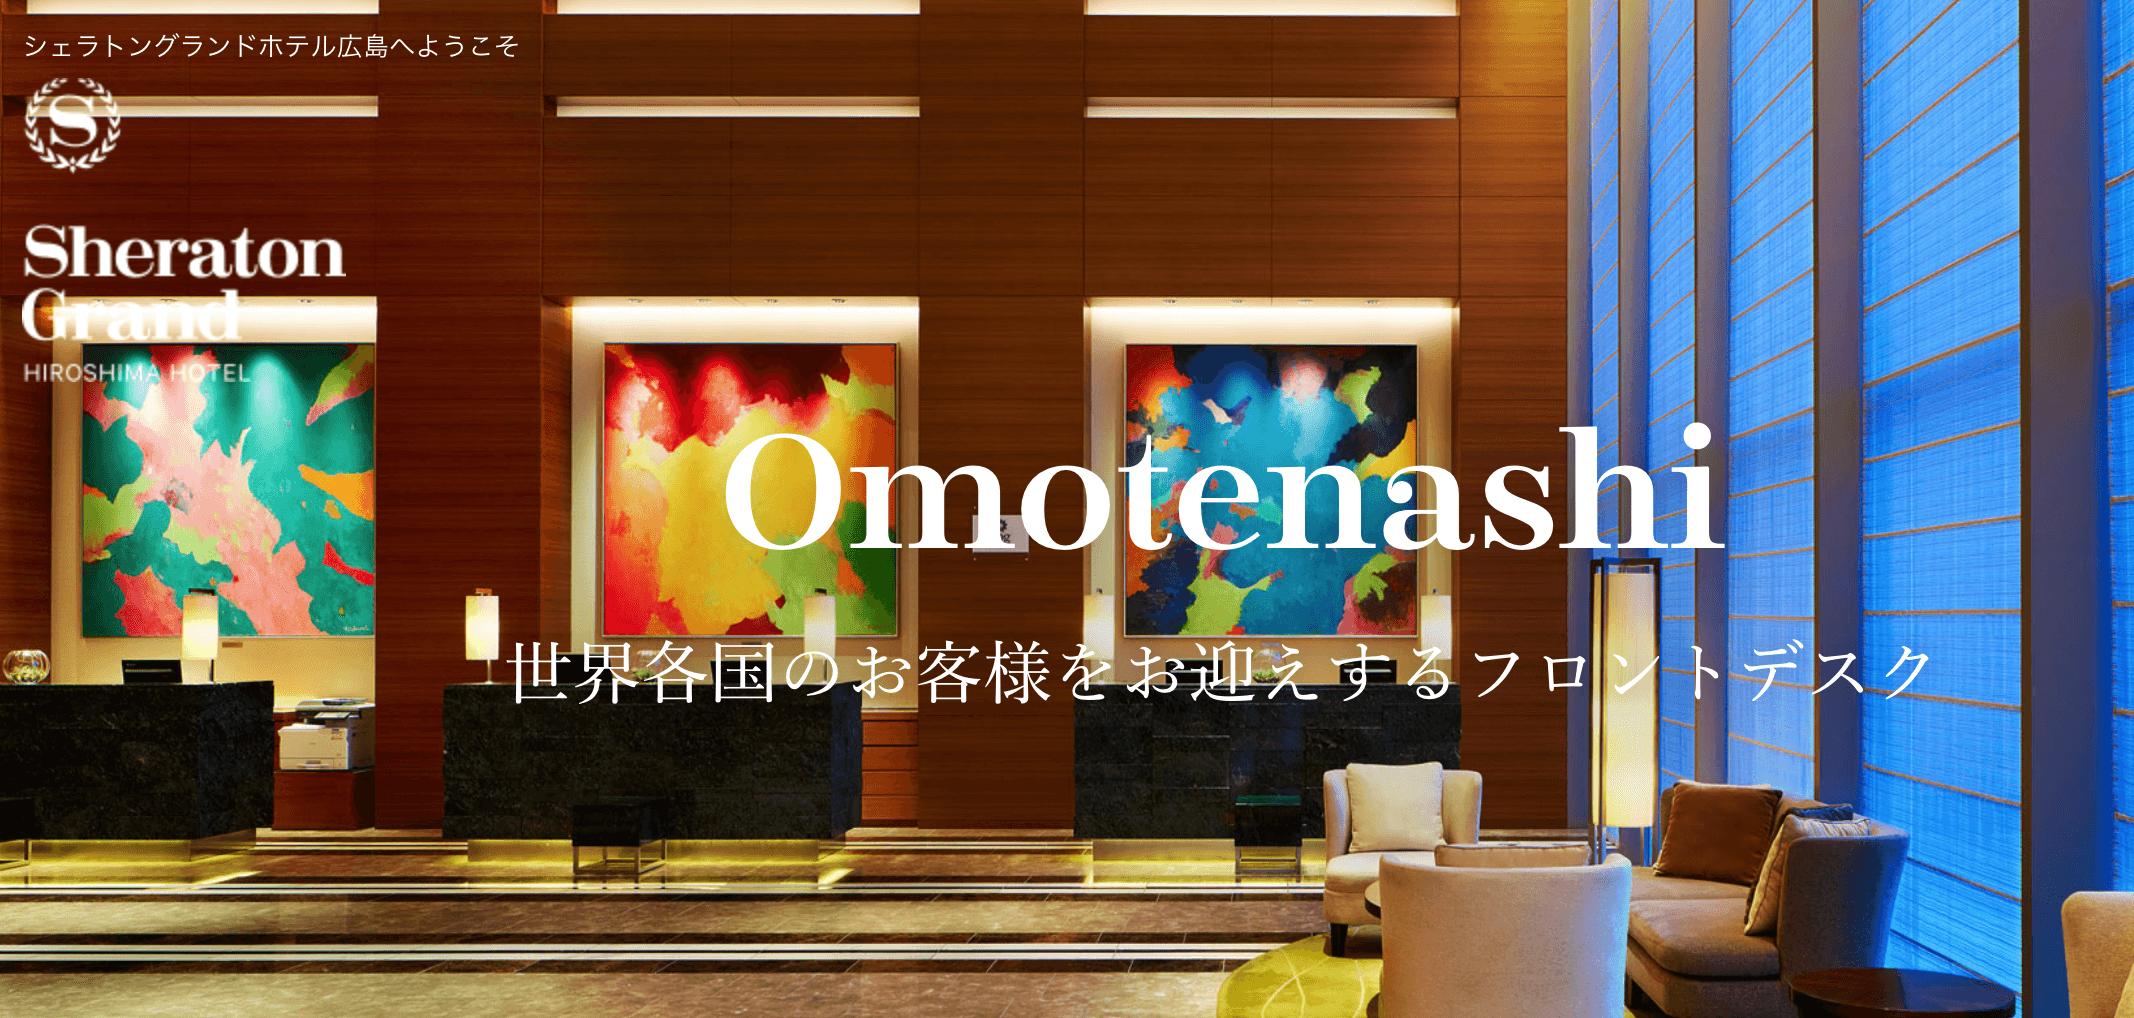 広島でパパ活におすすめなホテル「シェラトングランドホテル広島」